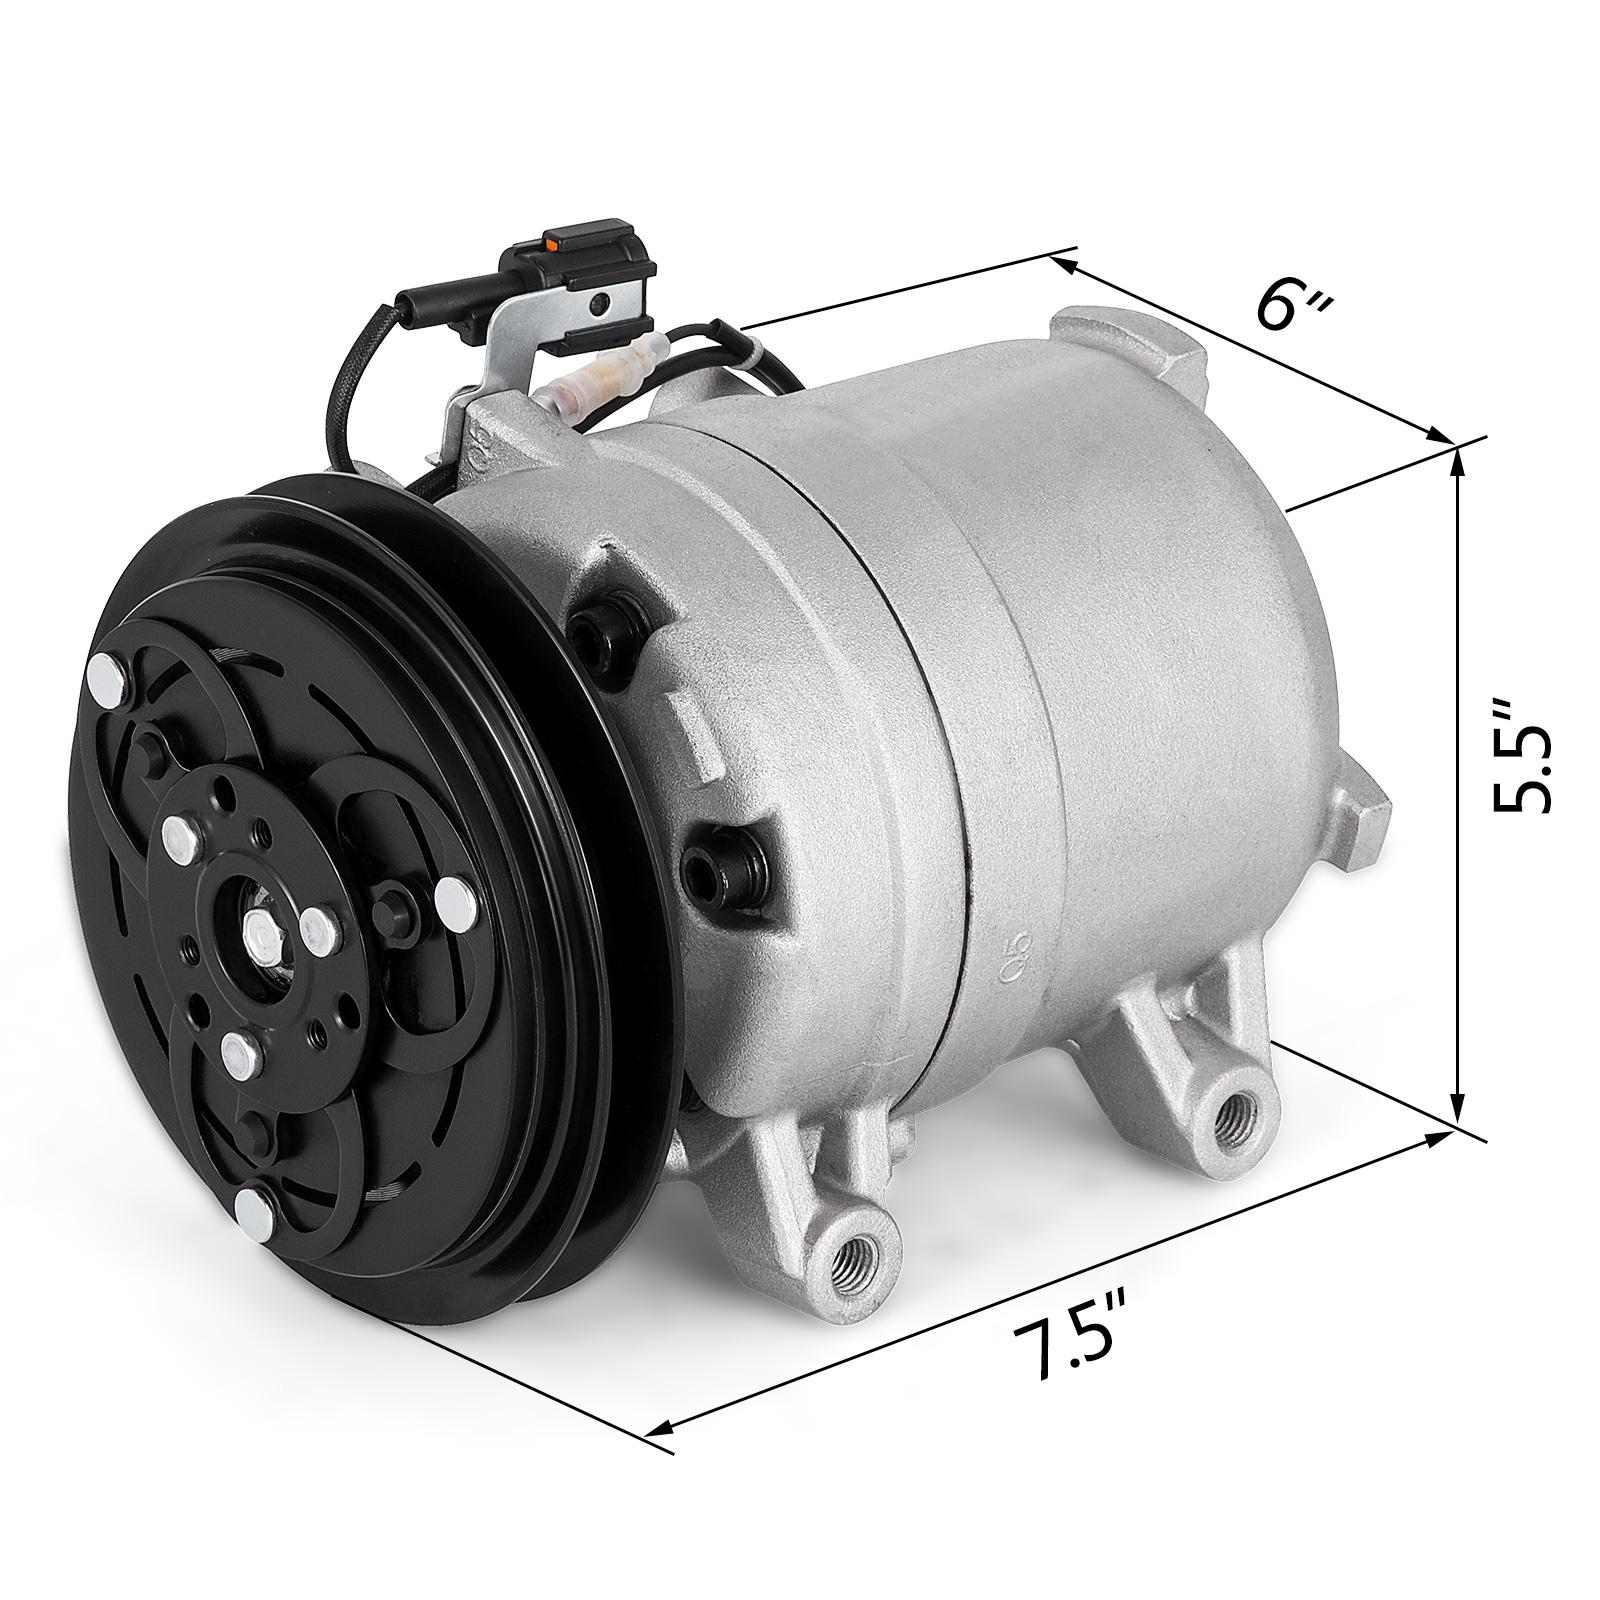 Hot A//C Compressor Fits Nissan Frontier Xterra XE SE 2.4L 1998-2004 68455 Fast